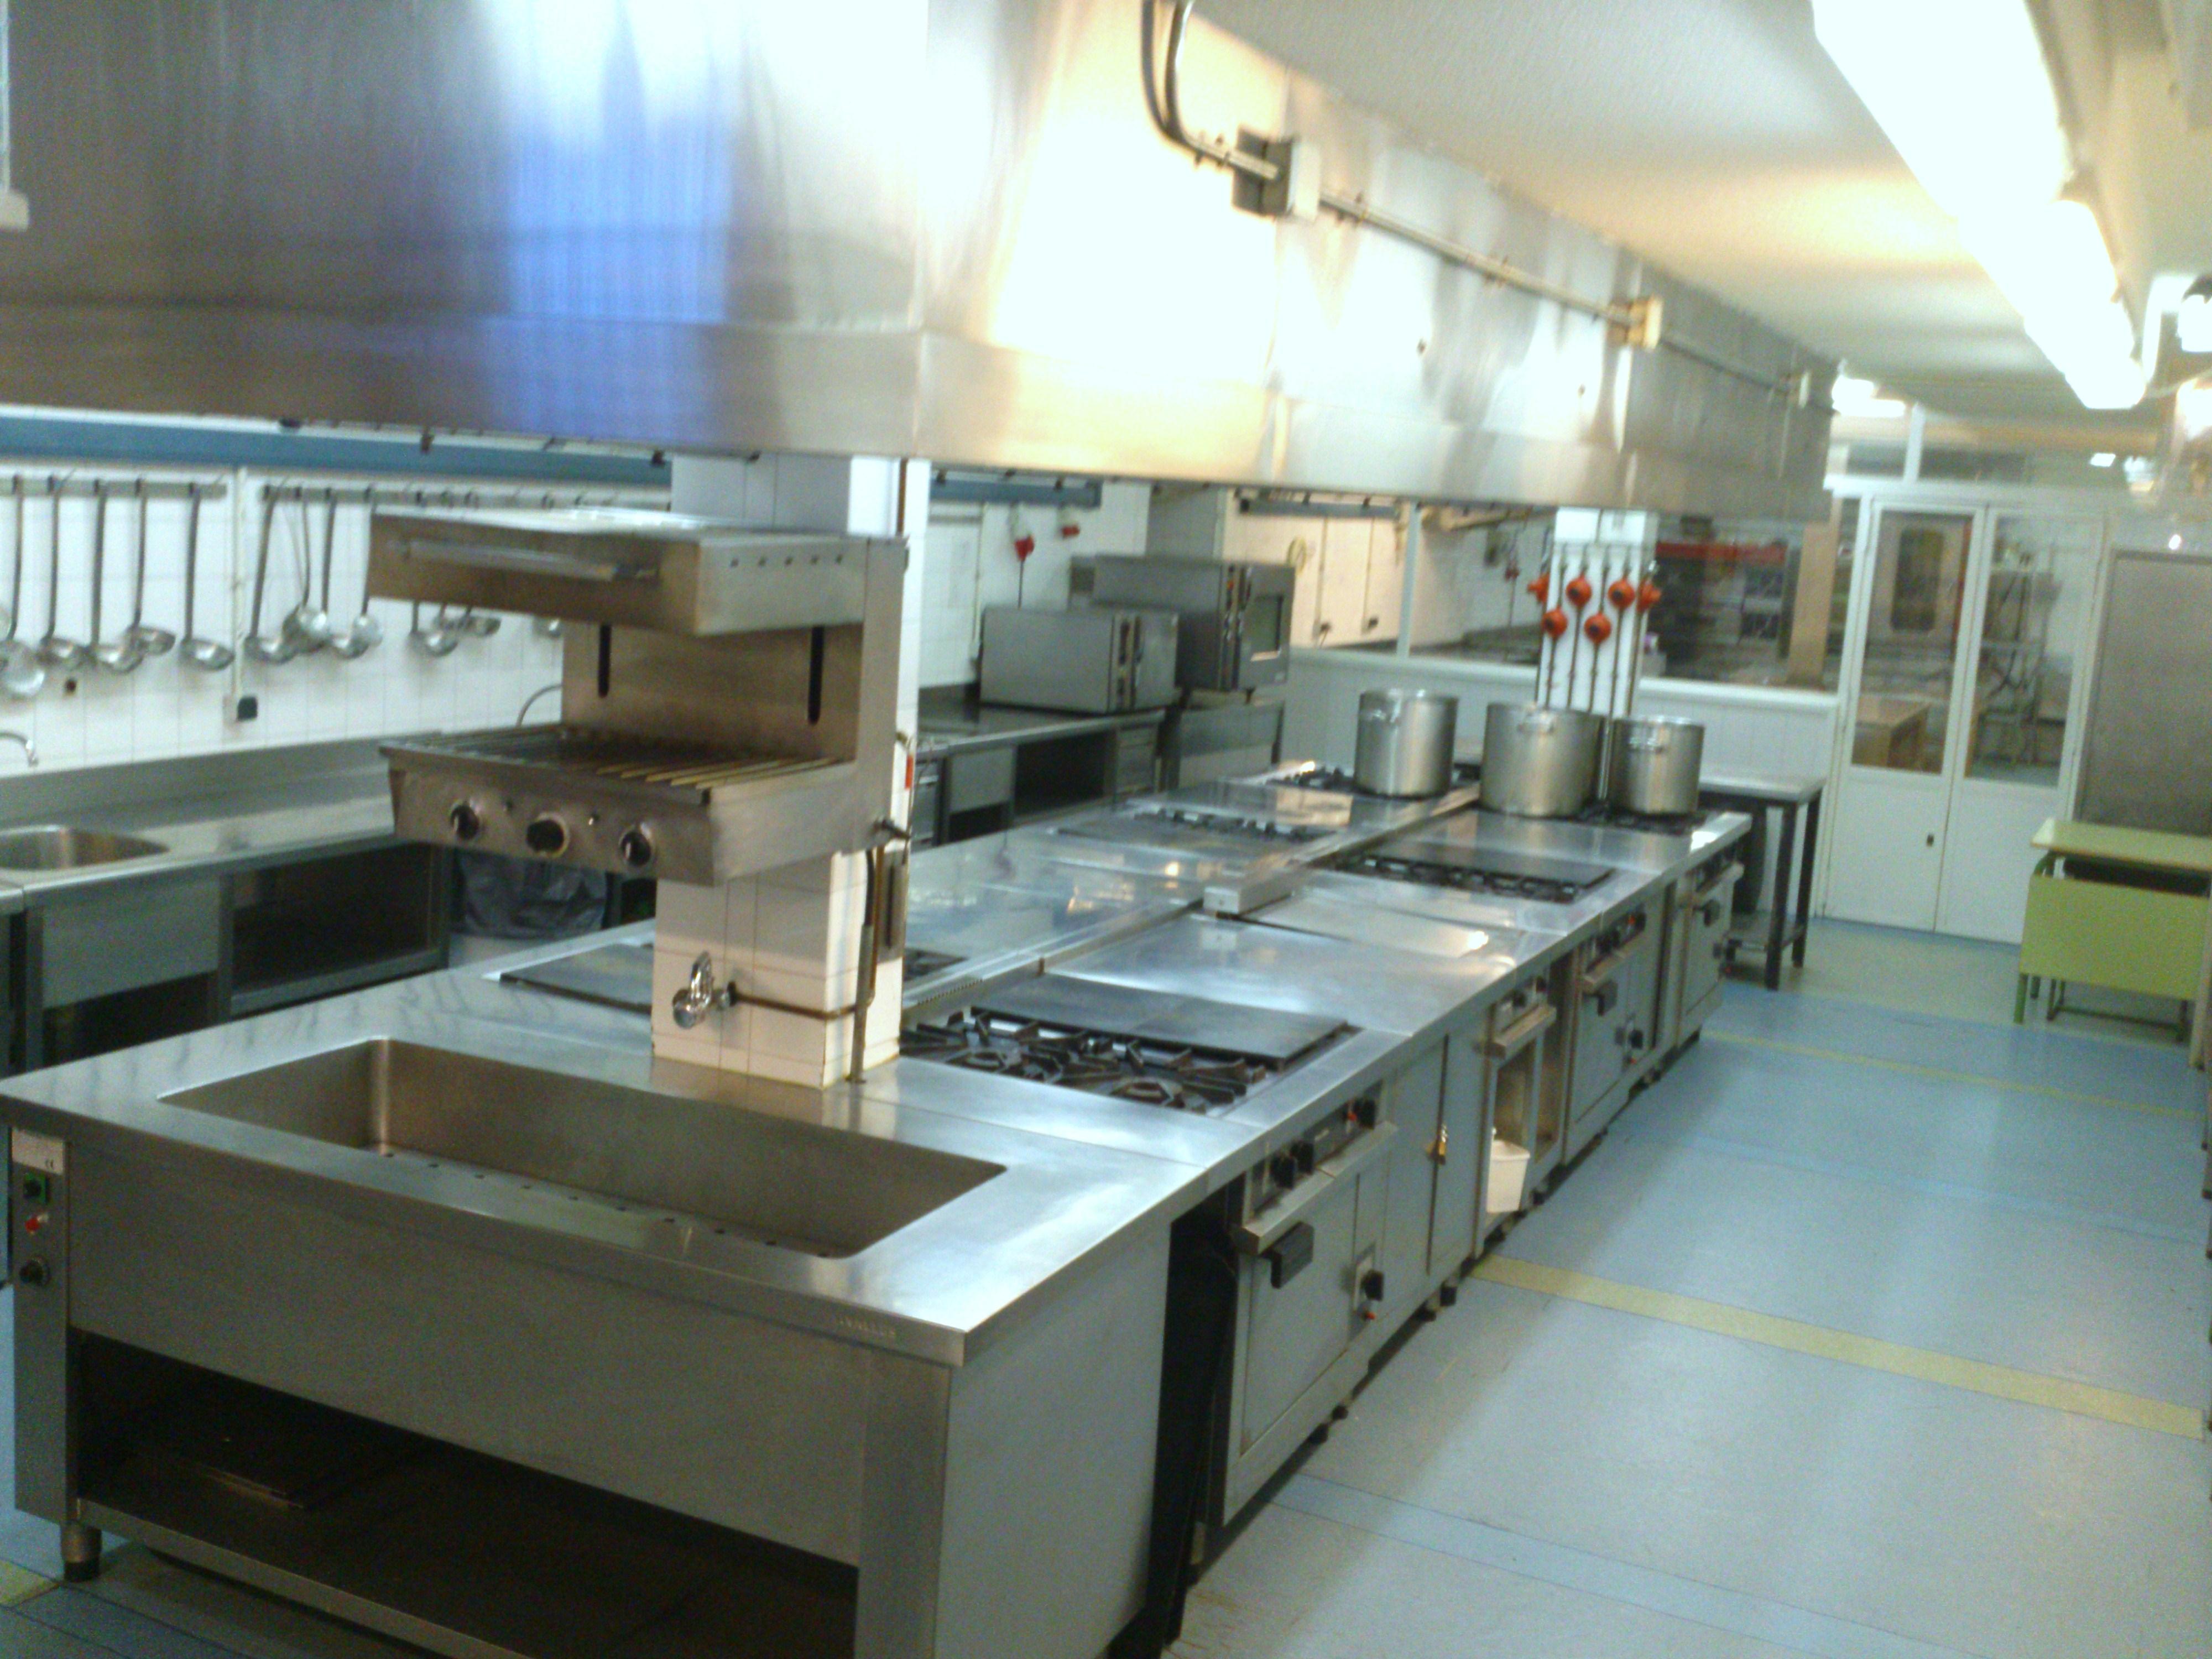 Cocina de 1 hotel escuela de la comunidad de madrid for Cuarto frio cocina